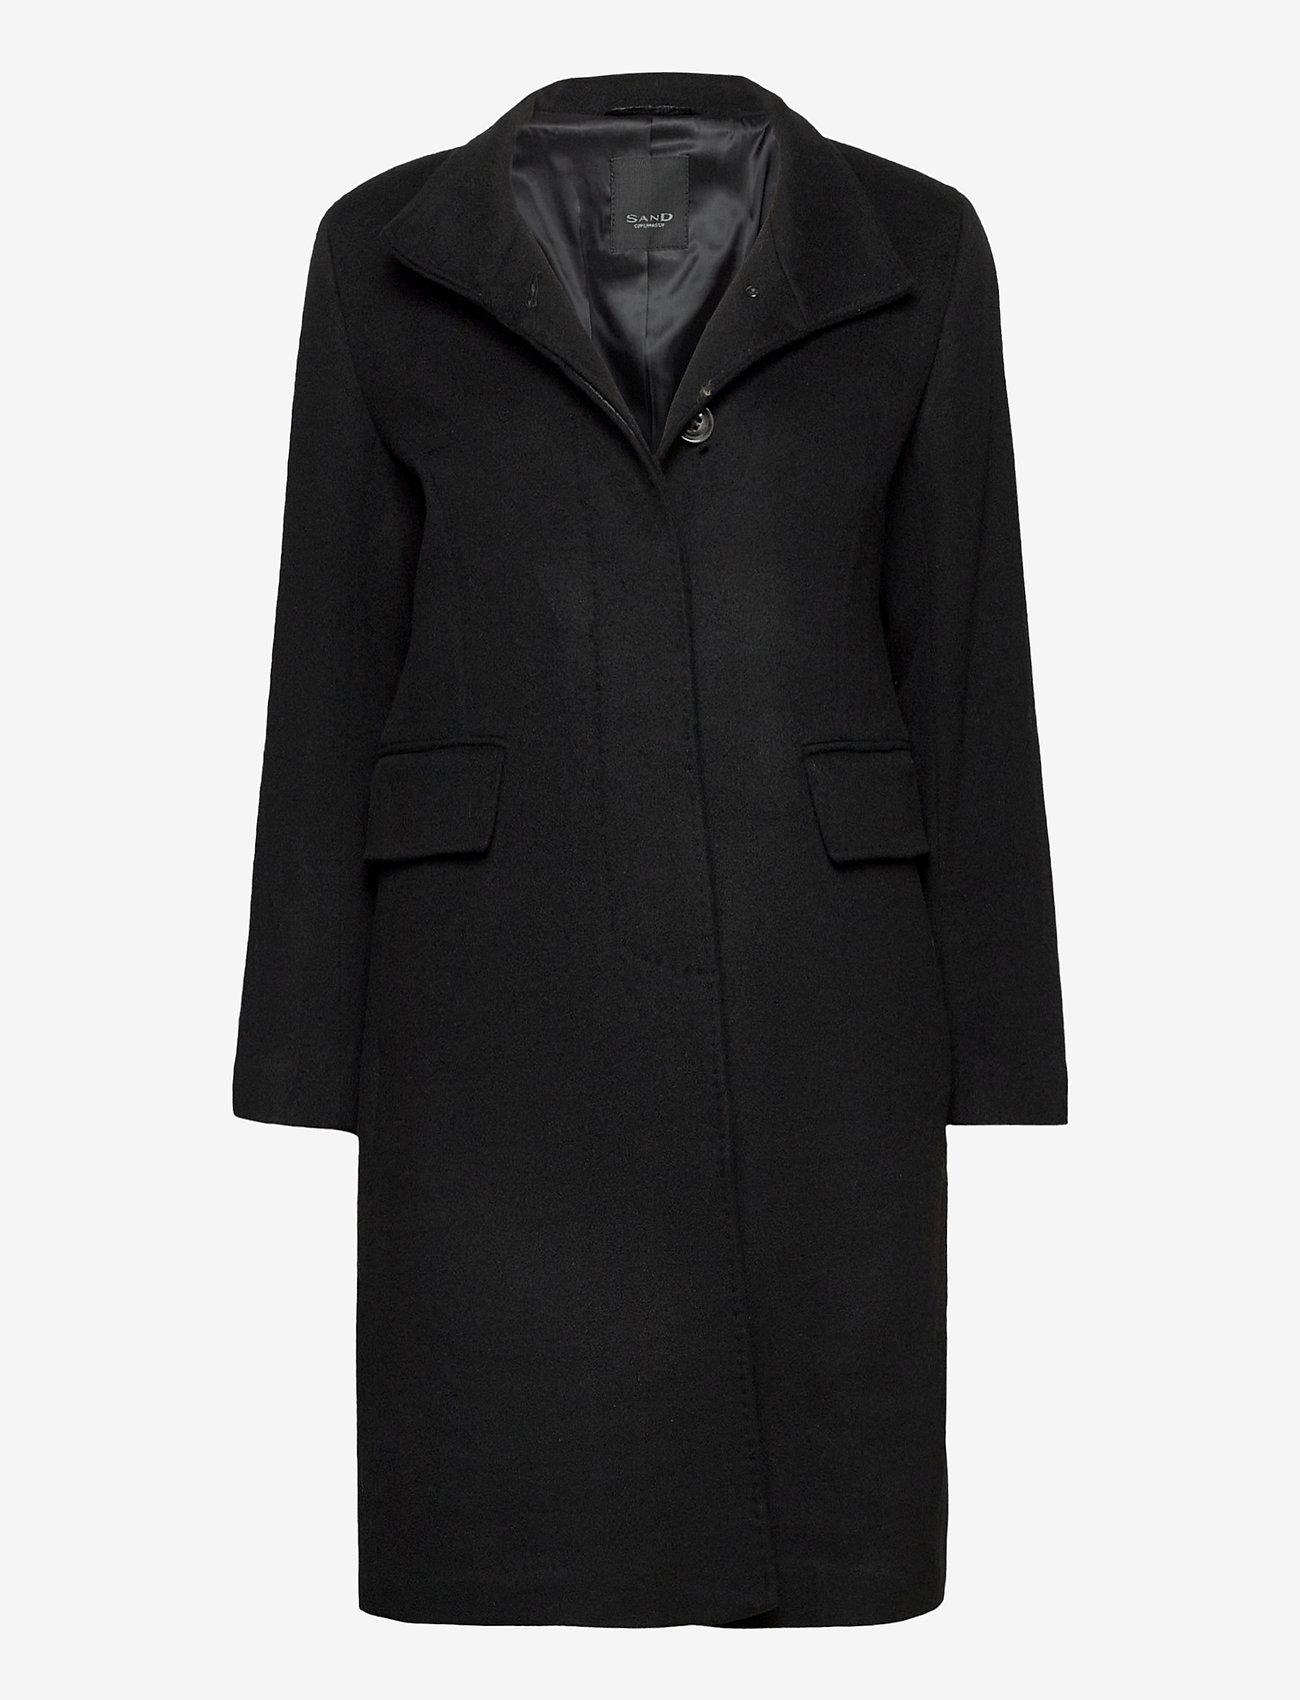 SAND - Cashmere Coat W - Parker 3 - wollen jassen - black - 0